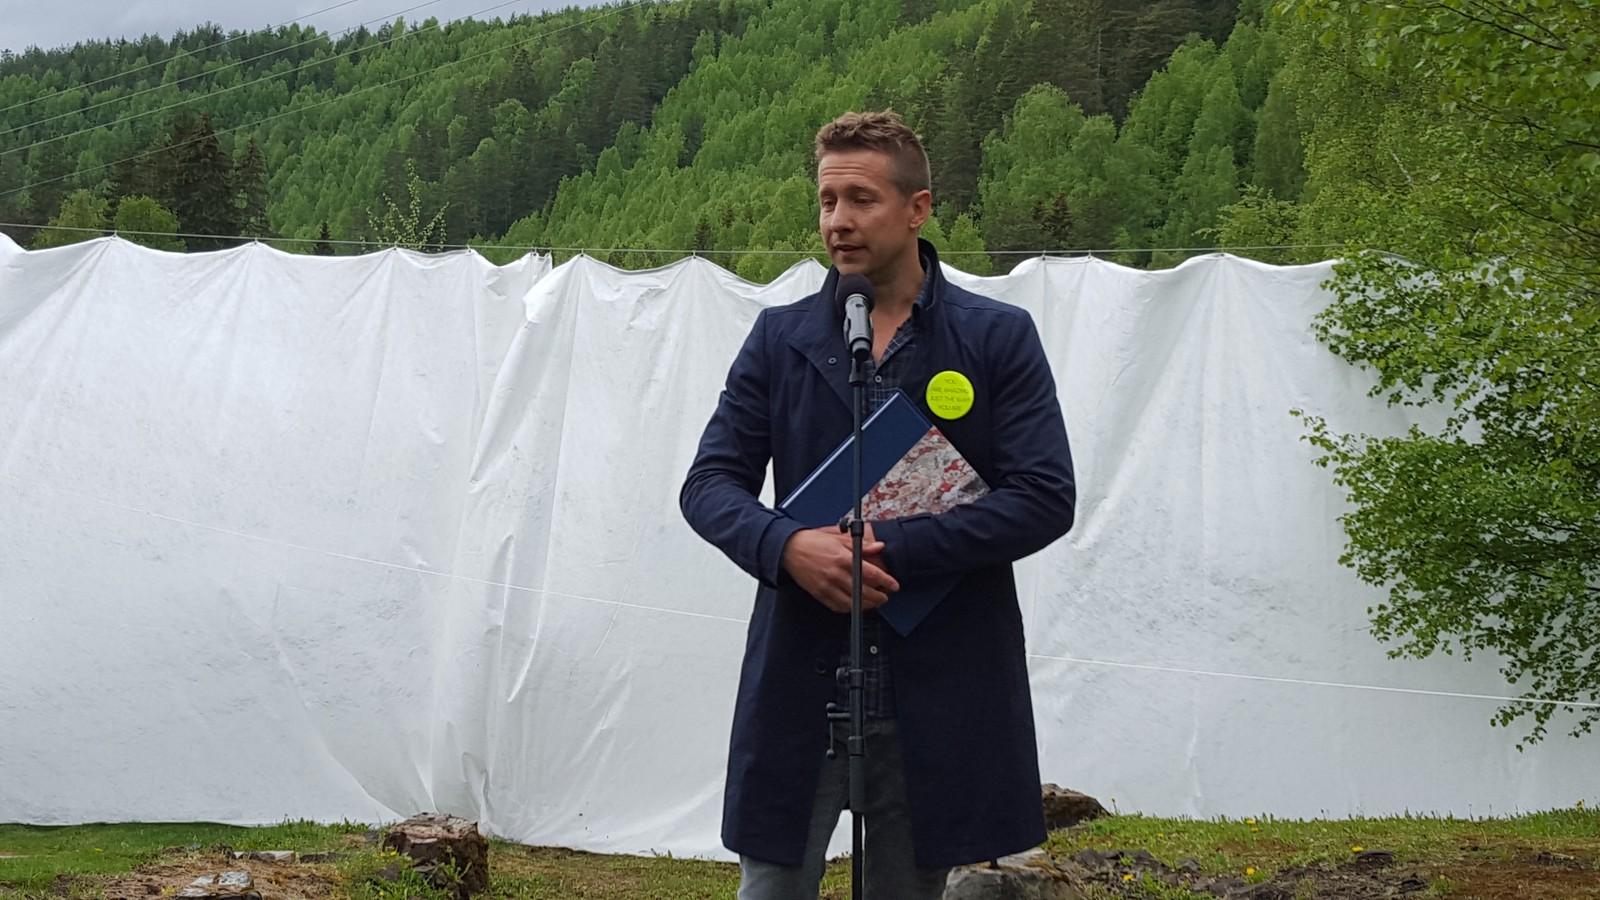 Kunstneren Jeppe Hein før avdukingen.